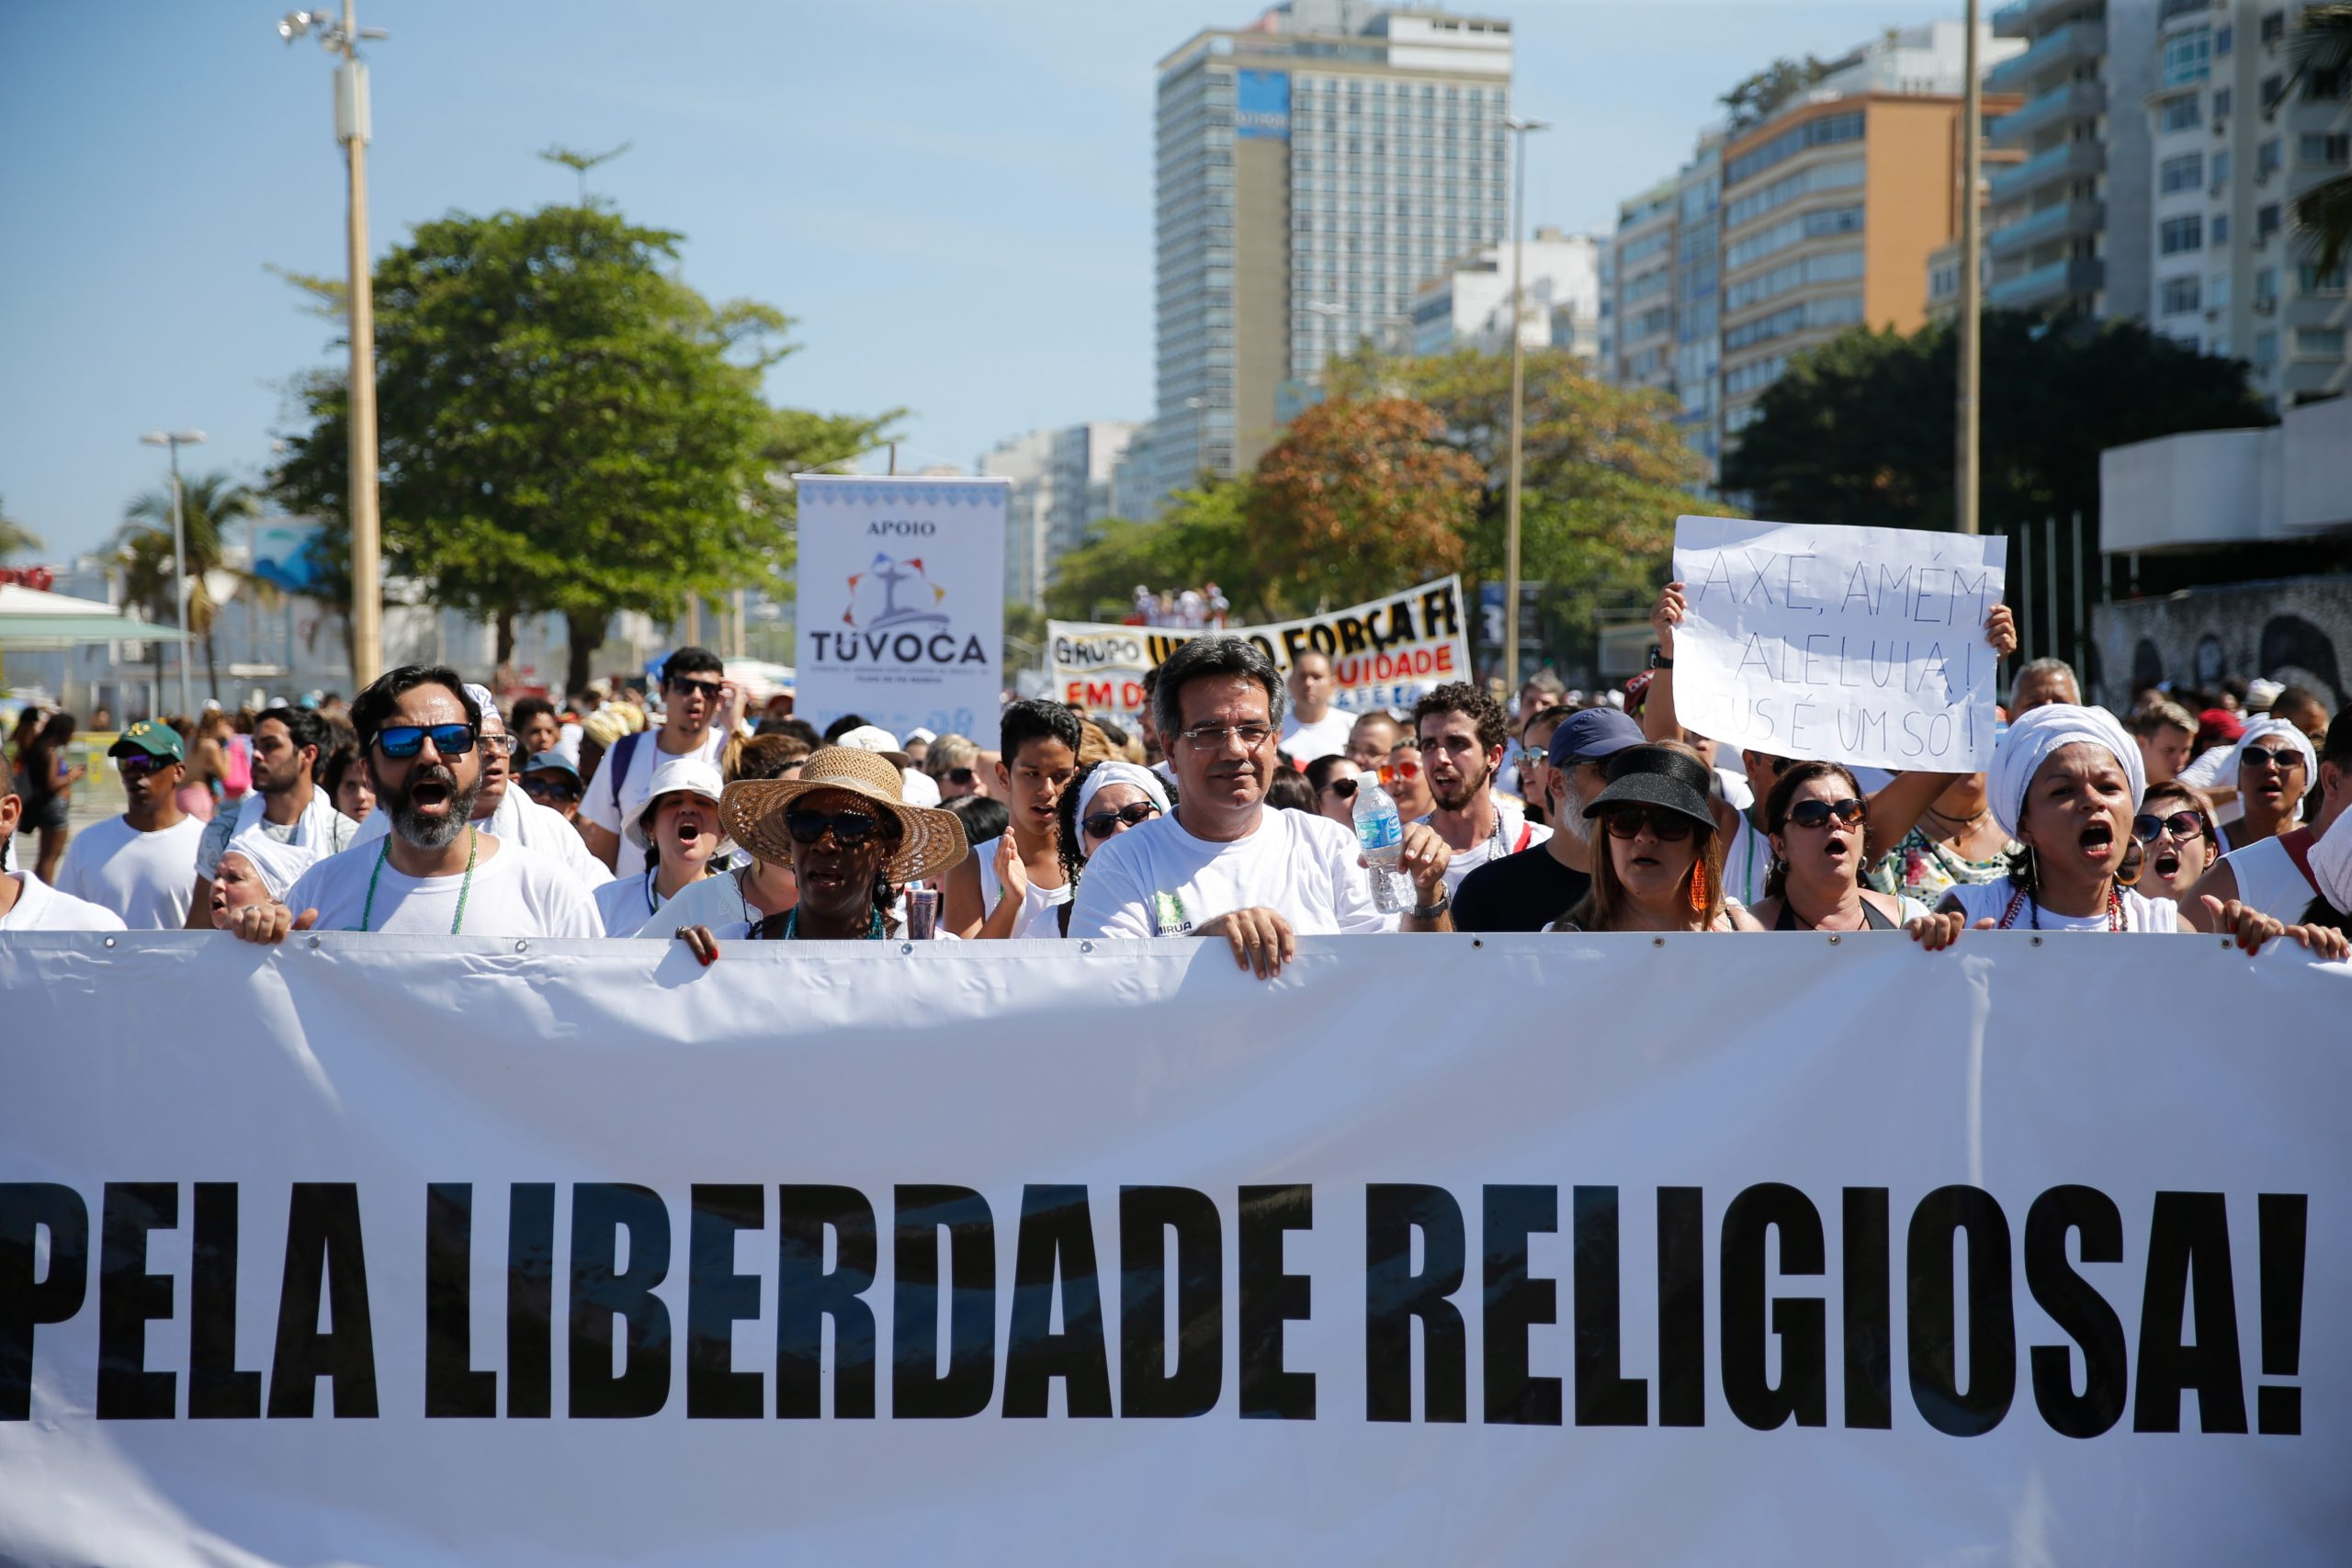 Representantes de diversas religiões participam de caminhada em defesa da liberdade religiosa no Rio: religiões de matriz africana são os os principais alvos de crimes de intolerância (Foto: Fernando Frazão/Agência Brasil - 17/09/2017)